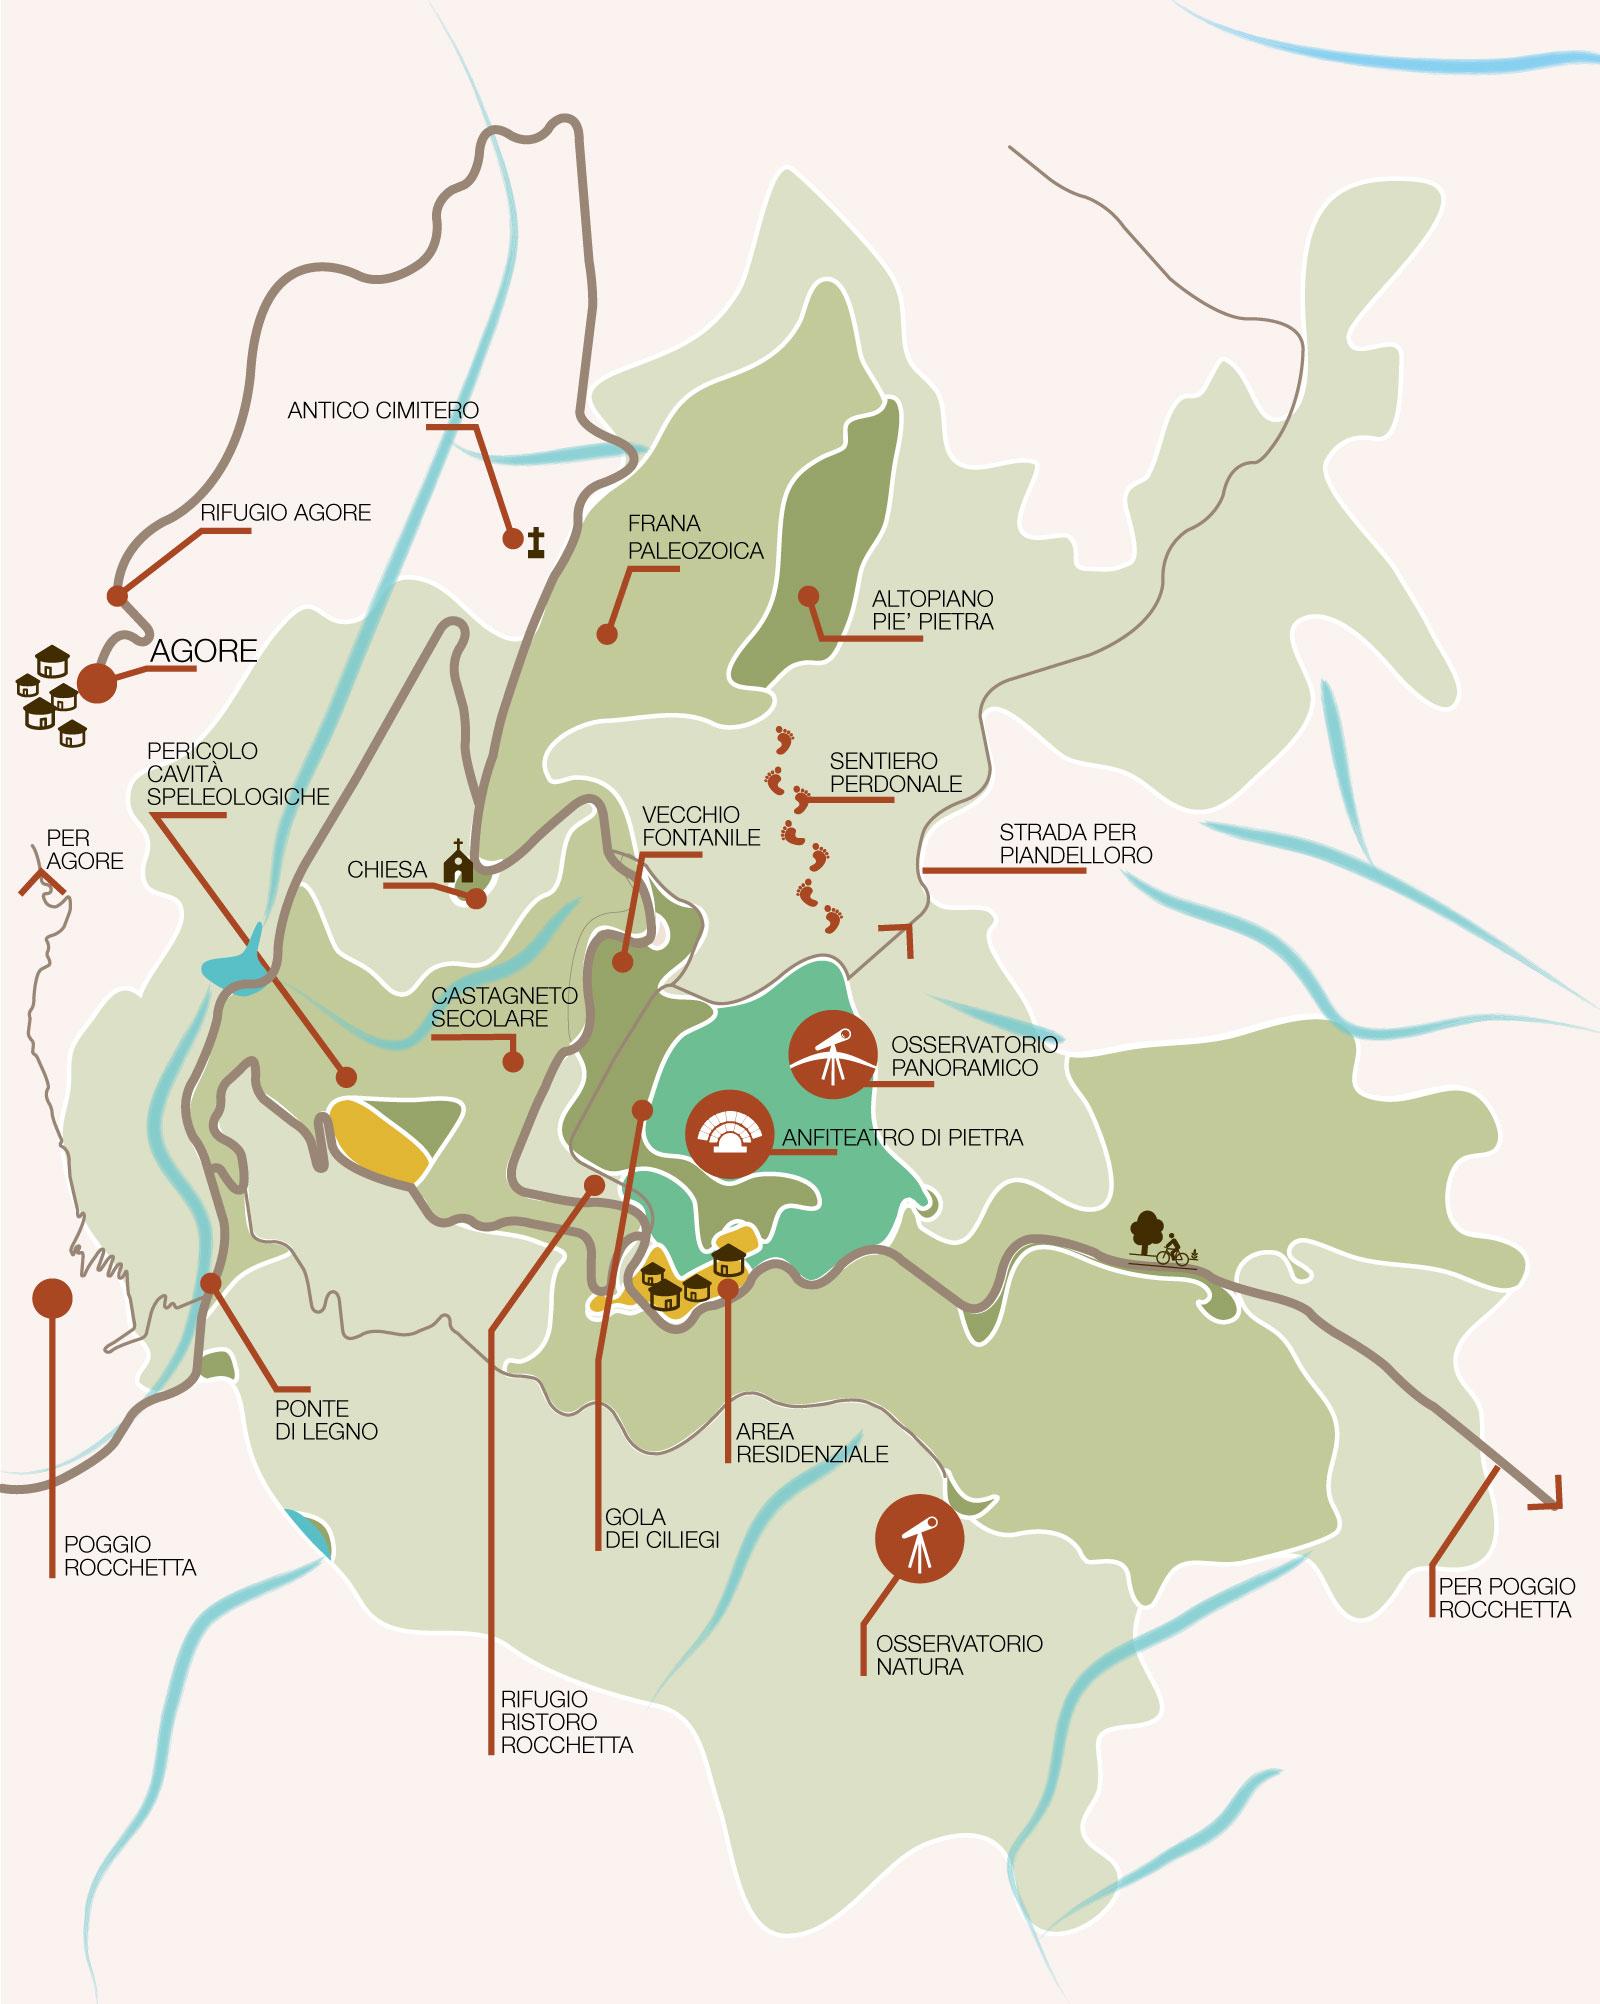 mappa-borgorocchetta